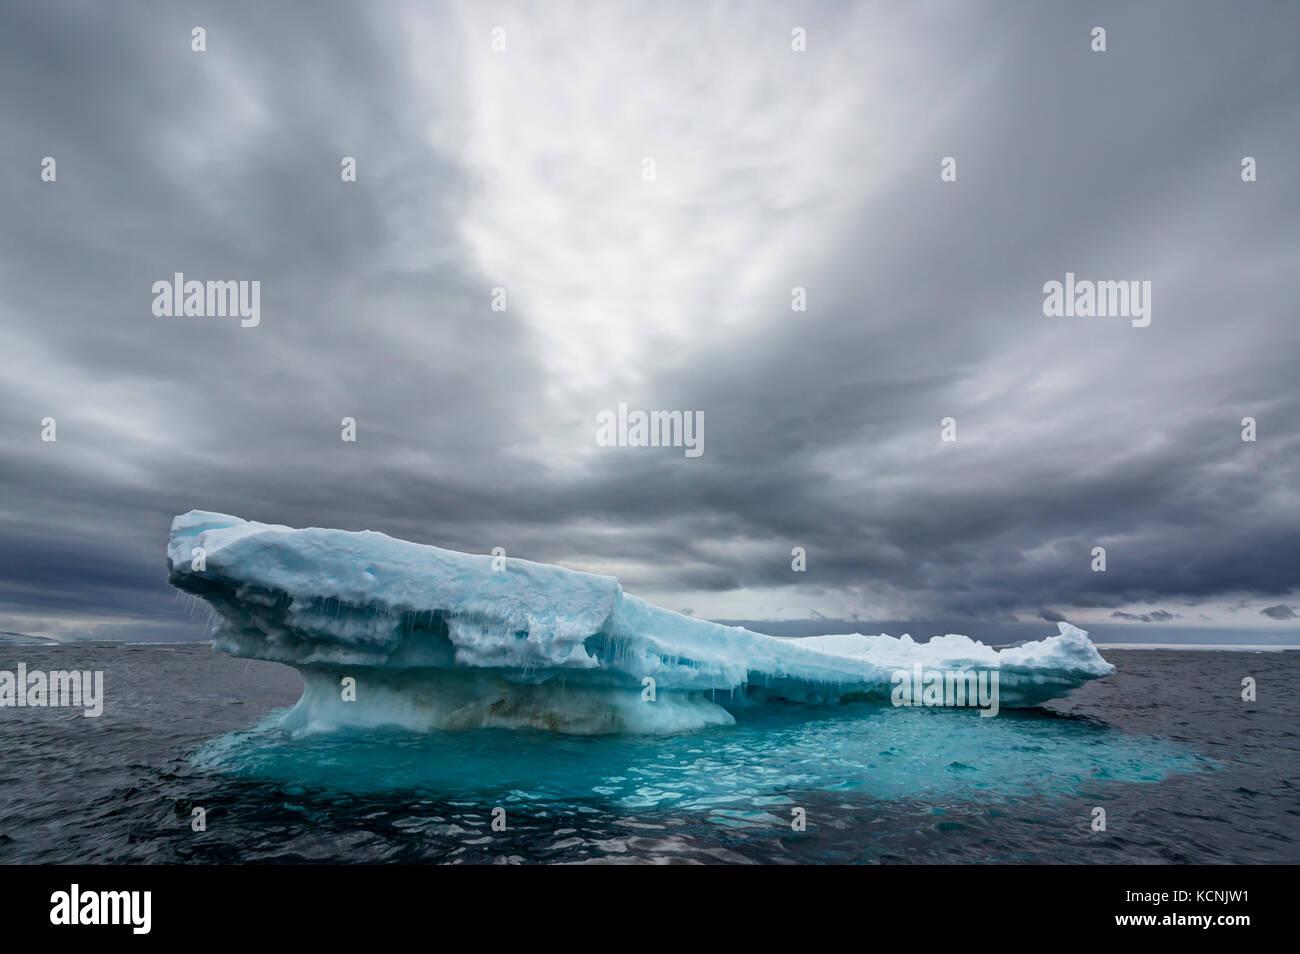 Un iceberg flottant lentement fait place à l'océan attaque inévitable sous un ciel dramatique Photo Stock